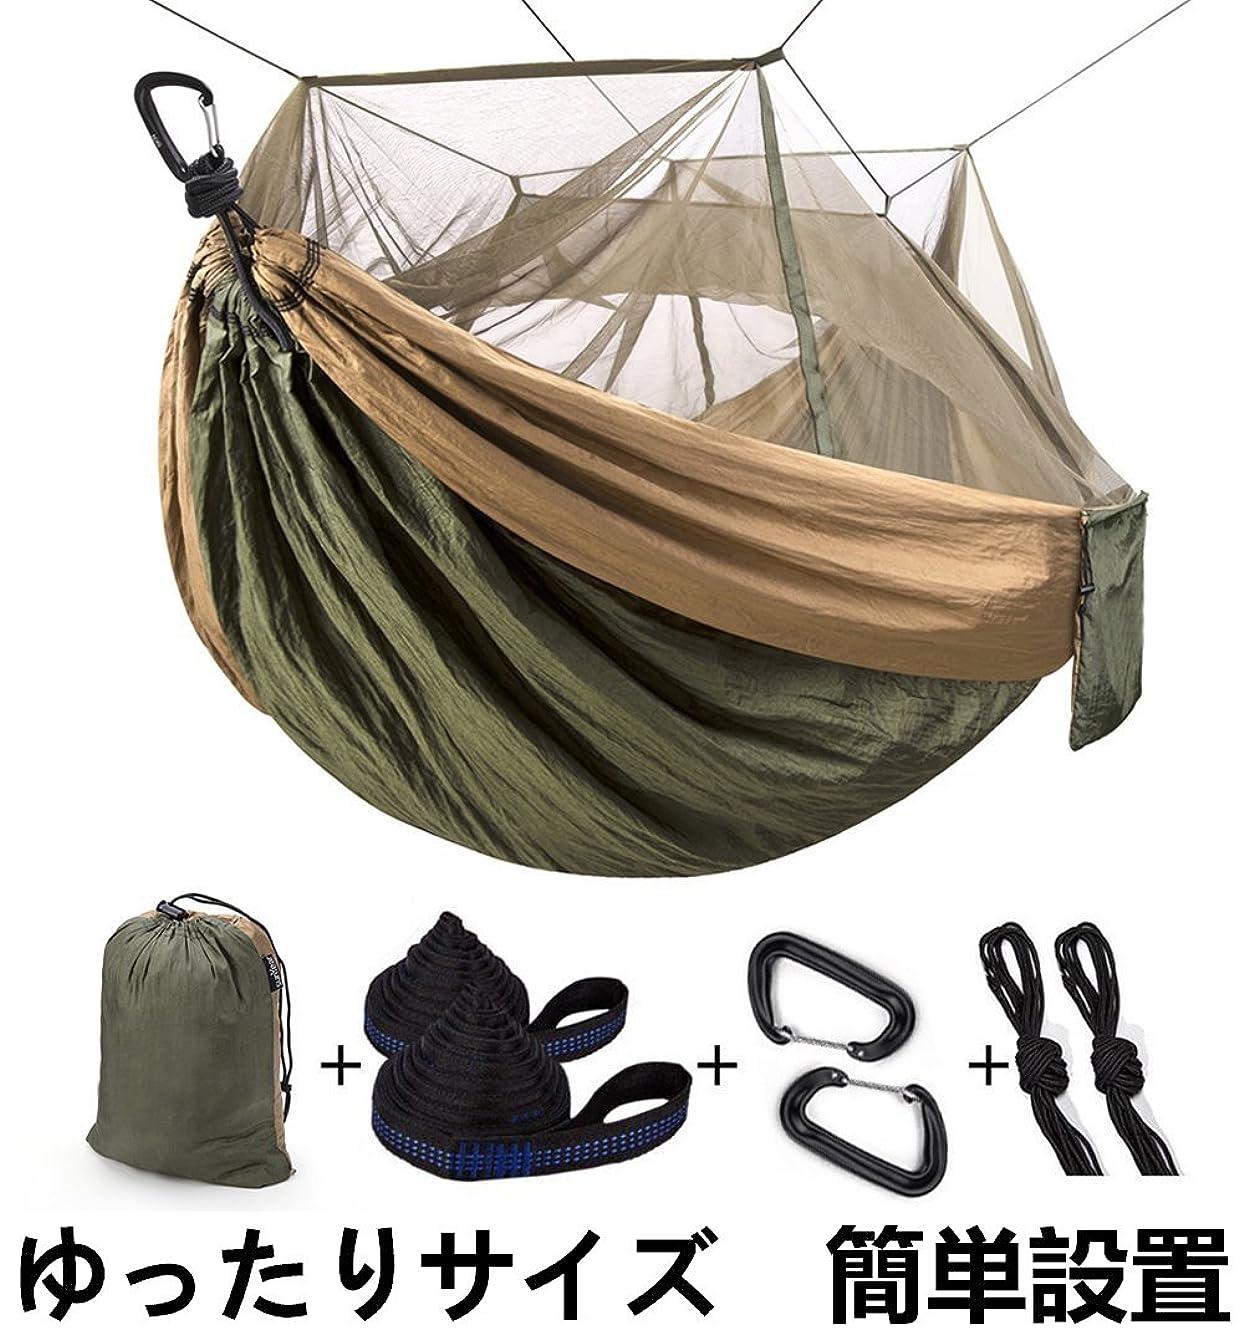 モッキンバード摂氏前兆マエカワ 超軽量 通気性バツグン 蚊帳付き 2WAY ハンモック パラシュート 生地 二人 フルセット 防虫 2人 用